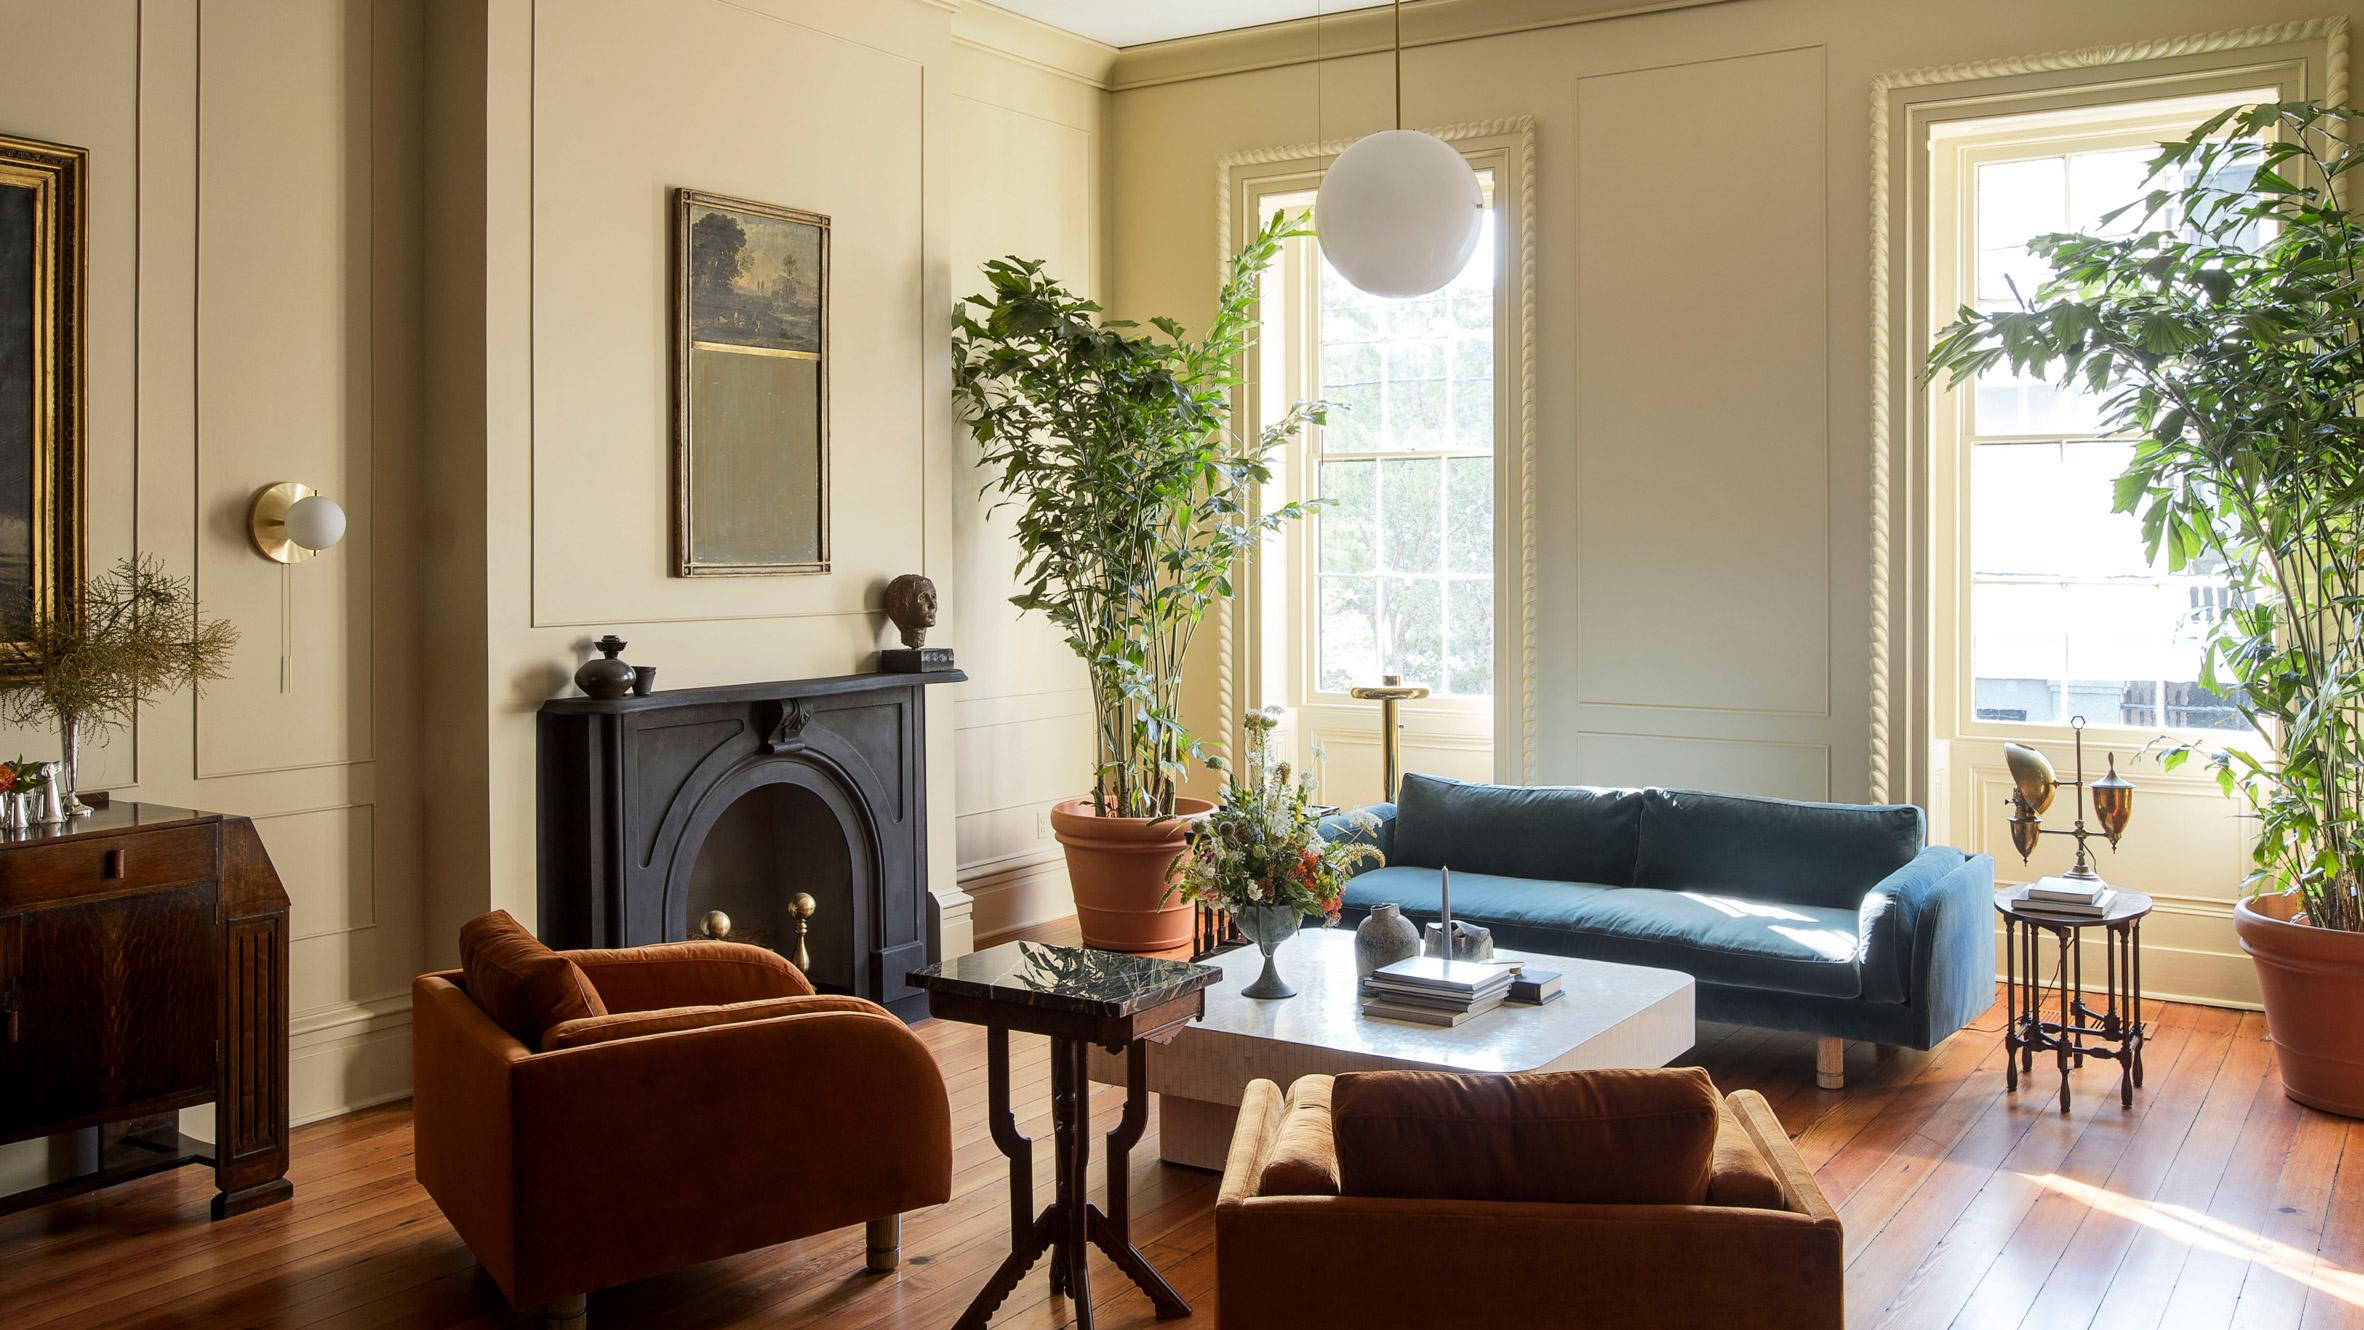 Dezeens top 10 home interiors of 2018